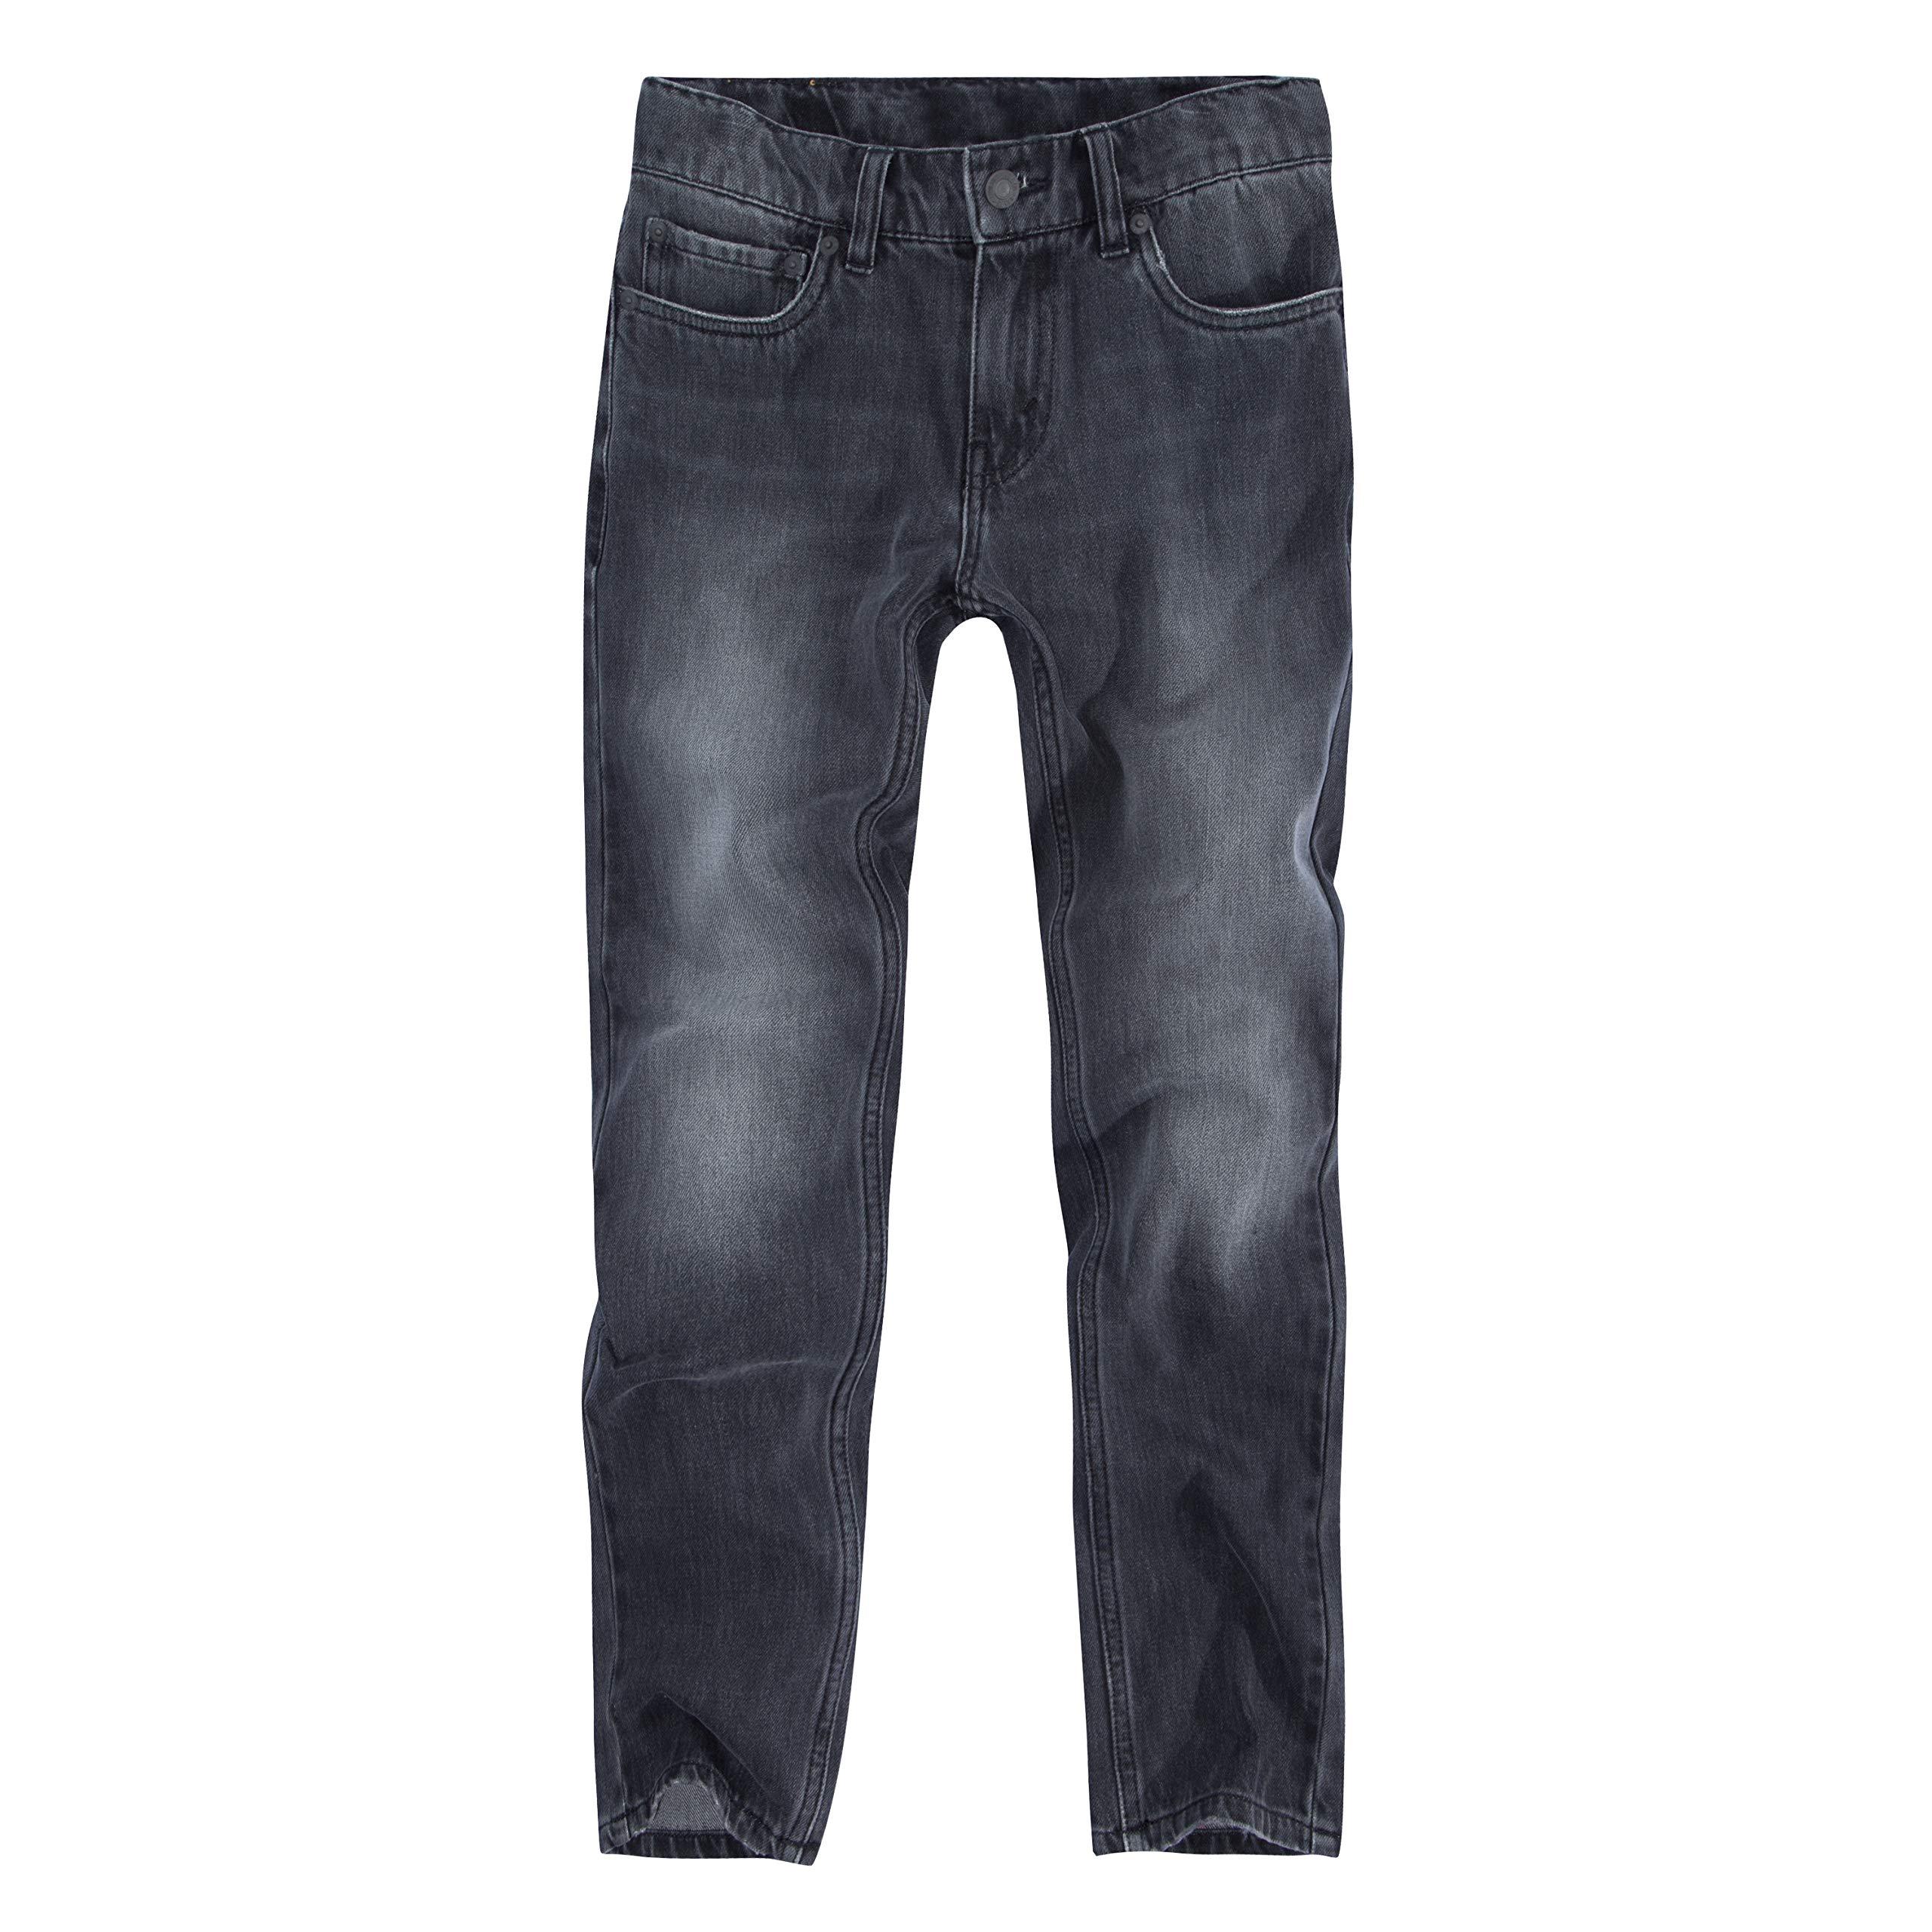 Levi's Boys 511 Slim Fit Performance Jeans, Quest 8